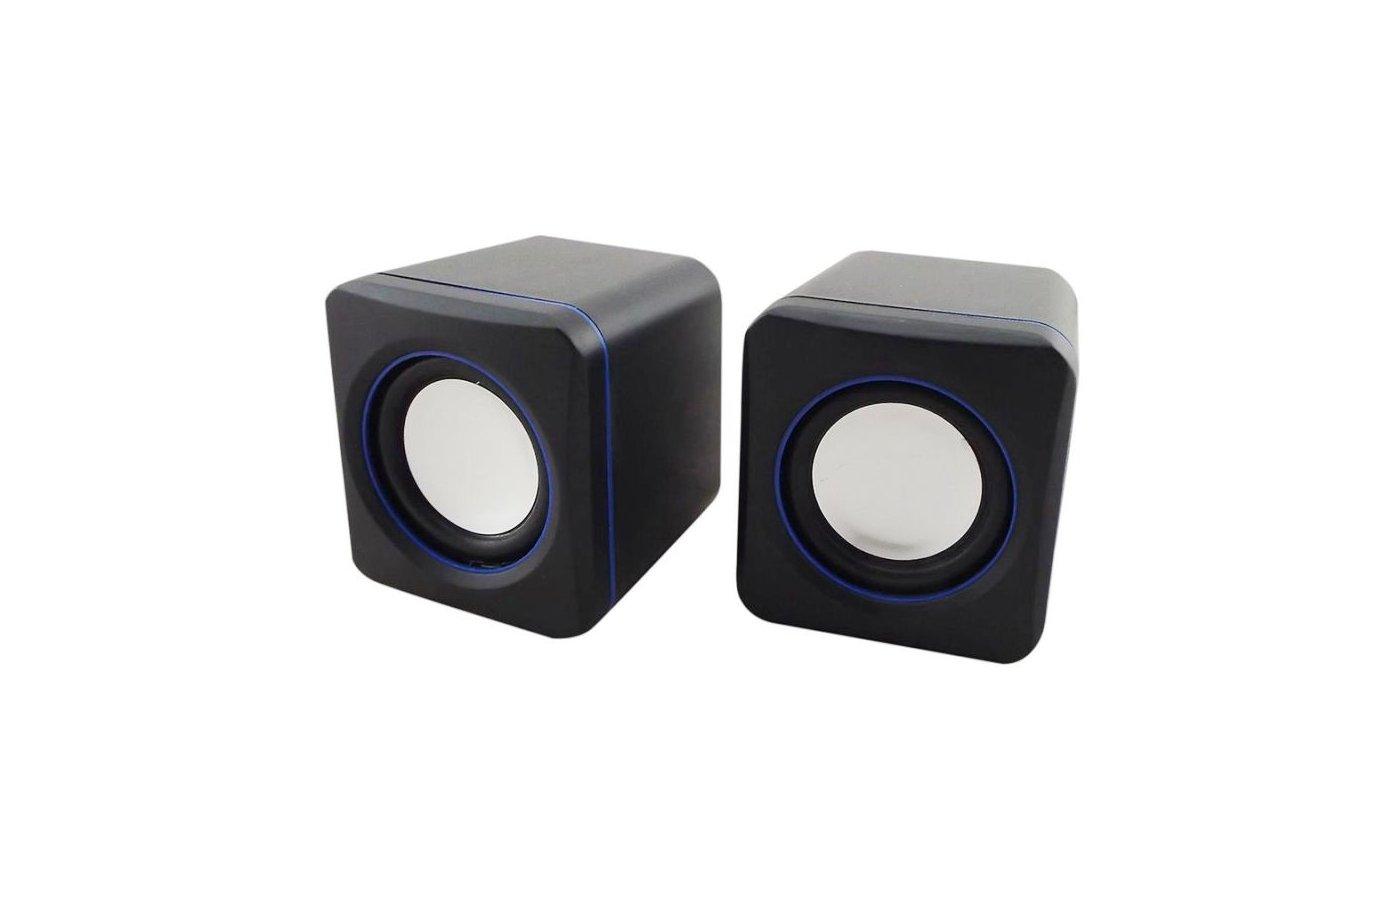 Компьютерные колонки Oklick OK-301 черный/синий 2.5Вт портативные